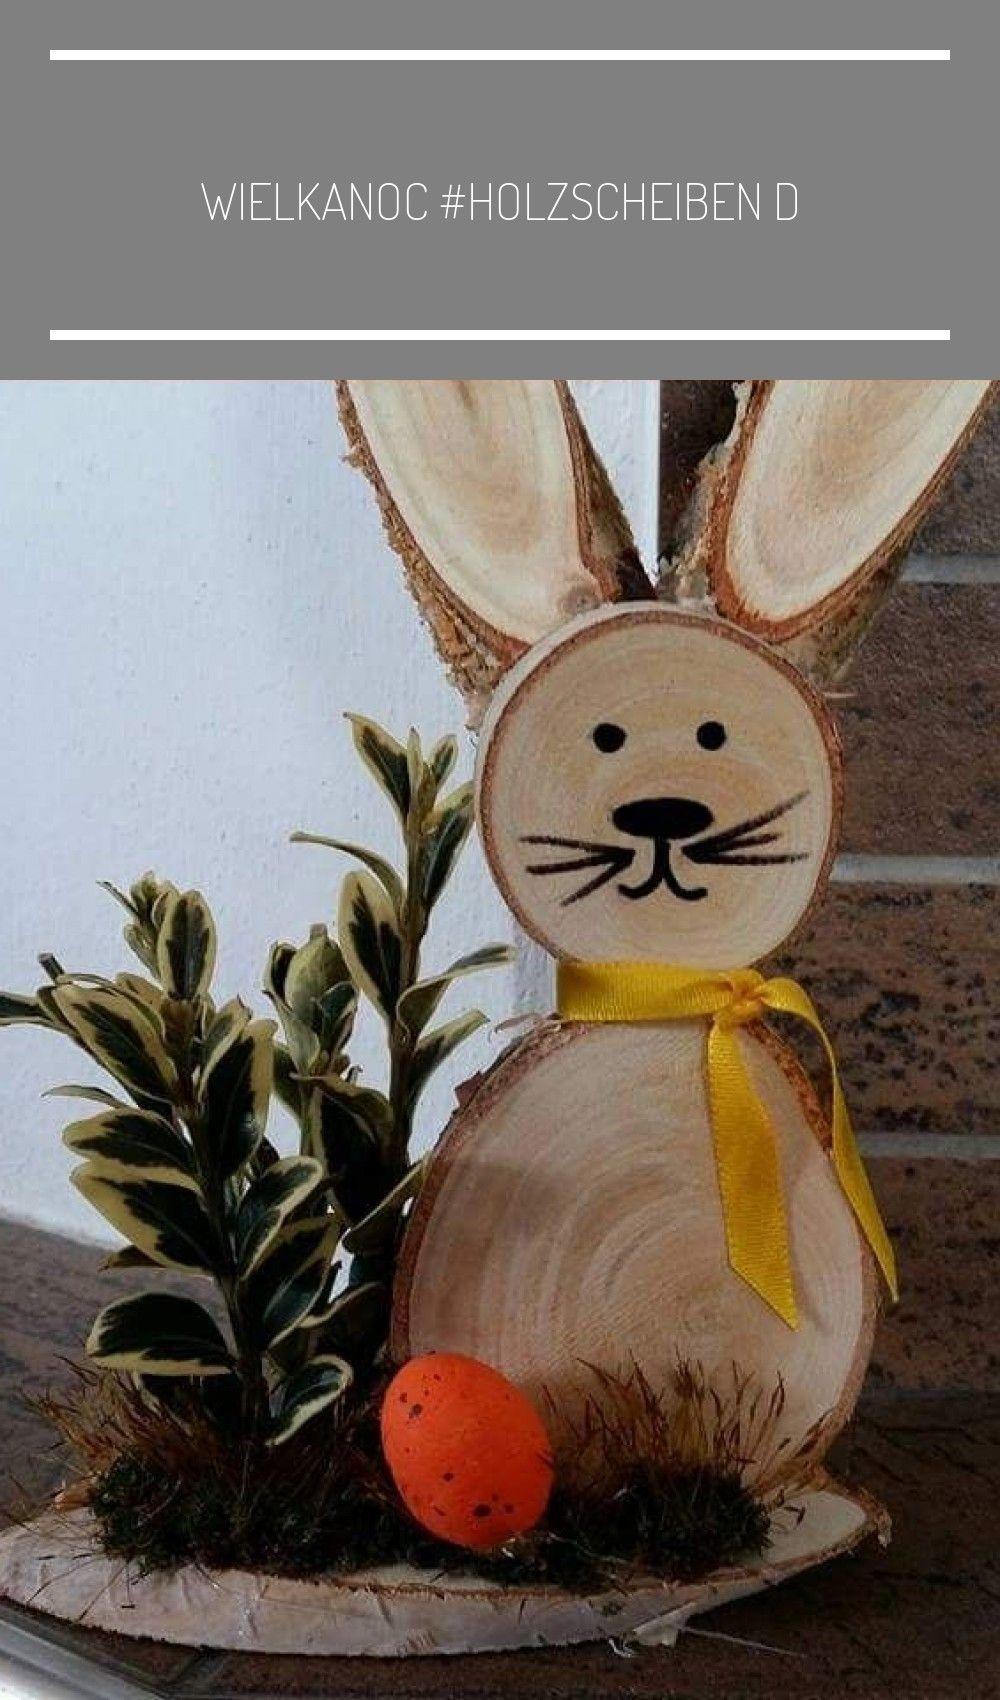 Wielkanoc #holzscheiben deko frühling #holzscheiben deko frühling #holzscheibendeko